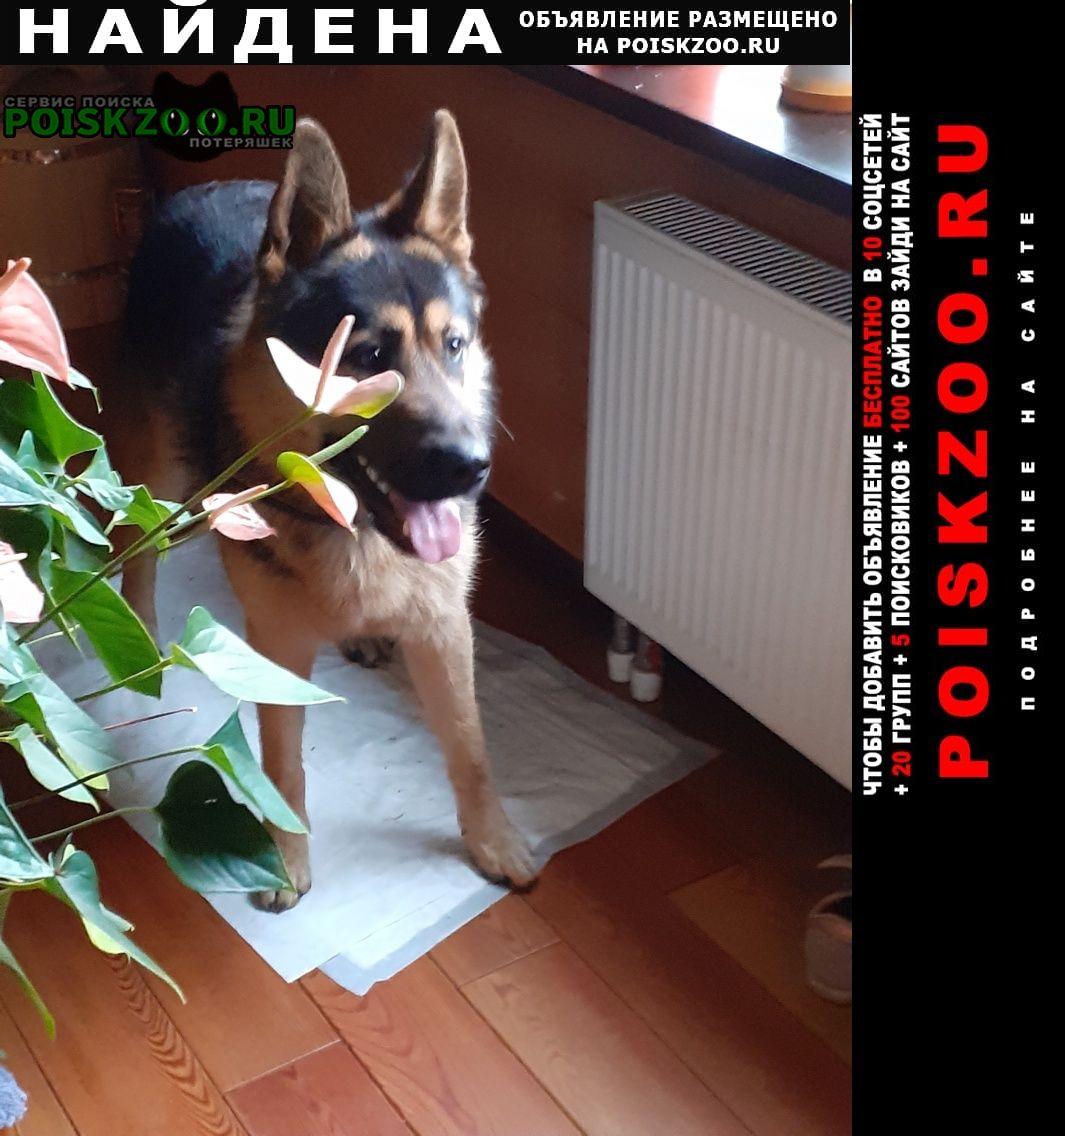 Найдена собака кобель в поселке усть-ижора Колпино